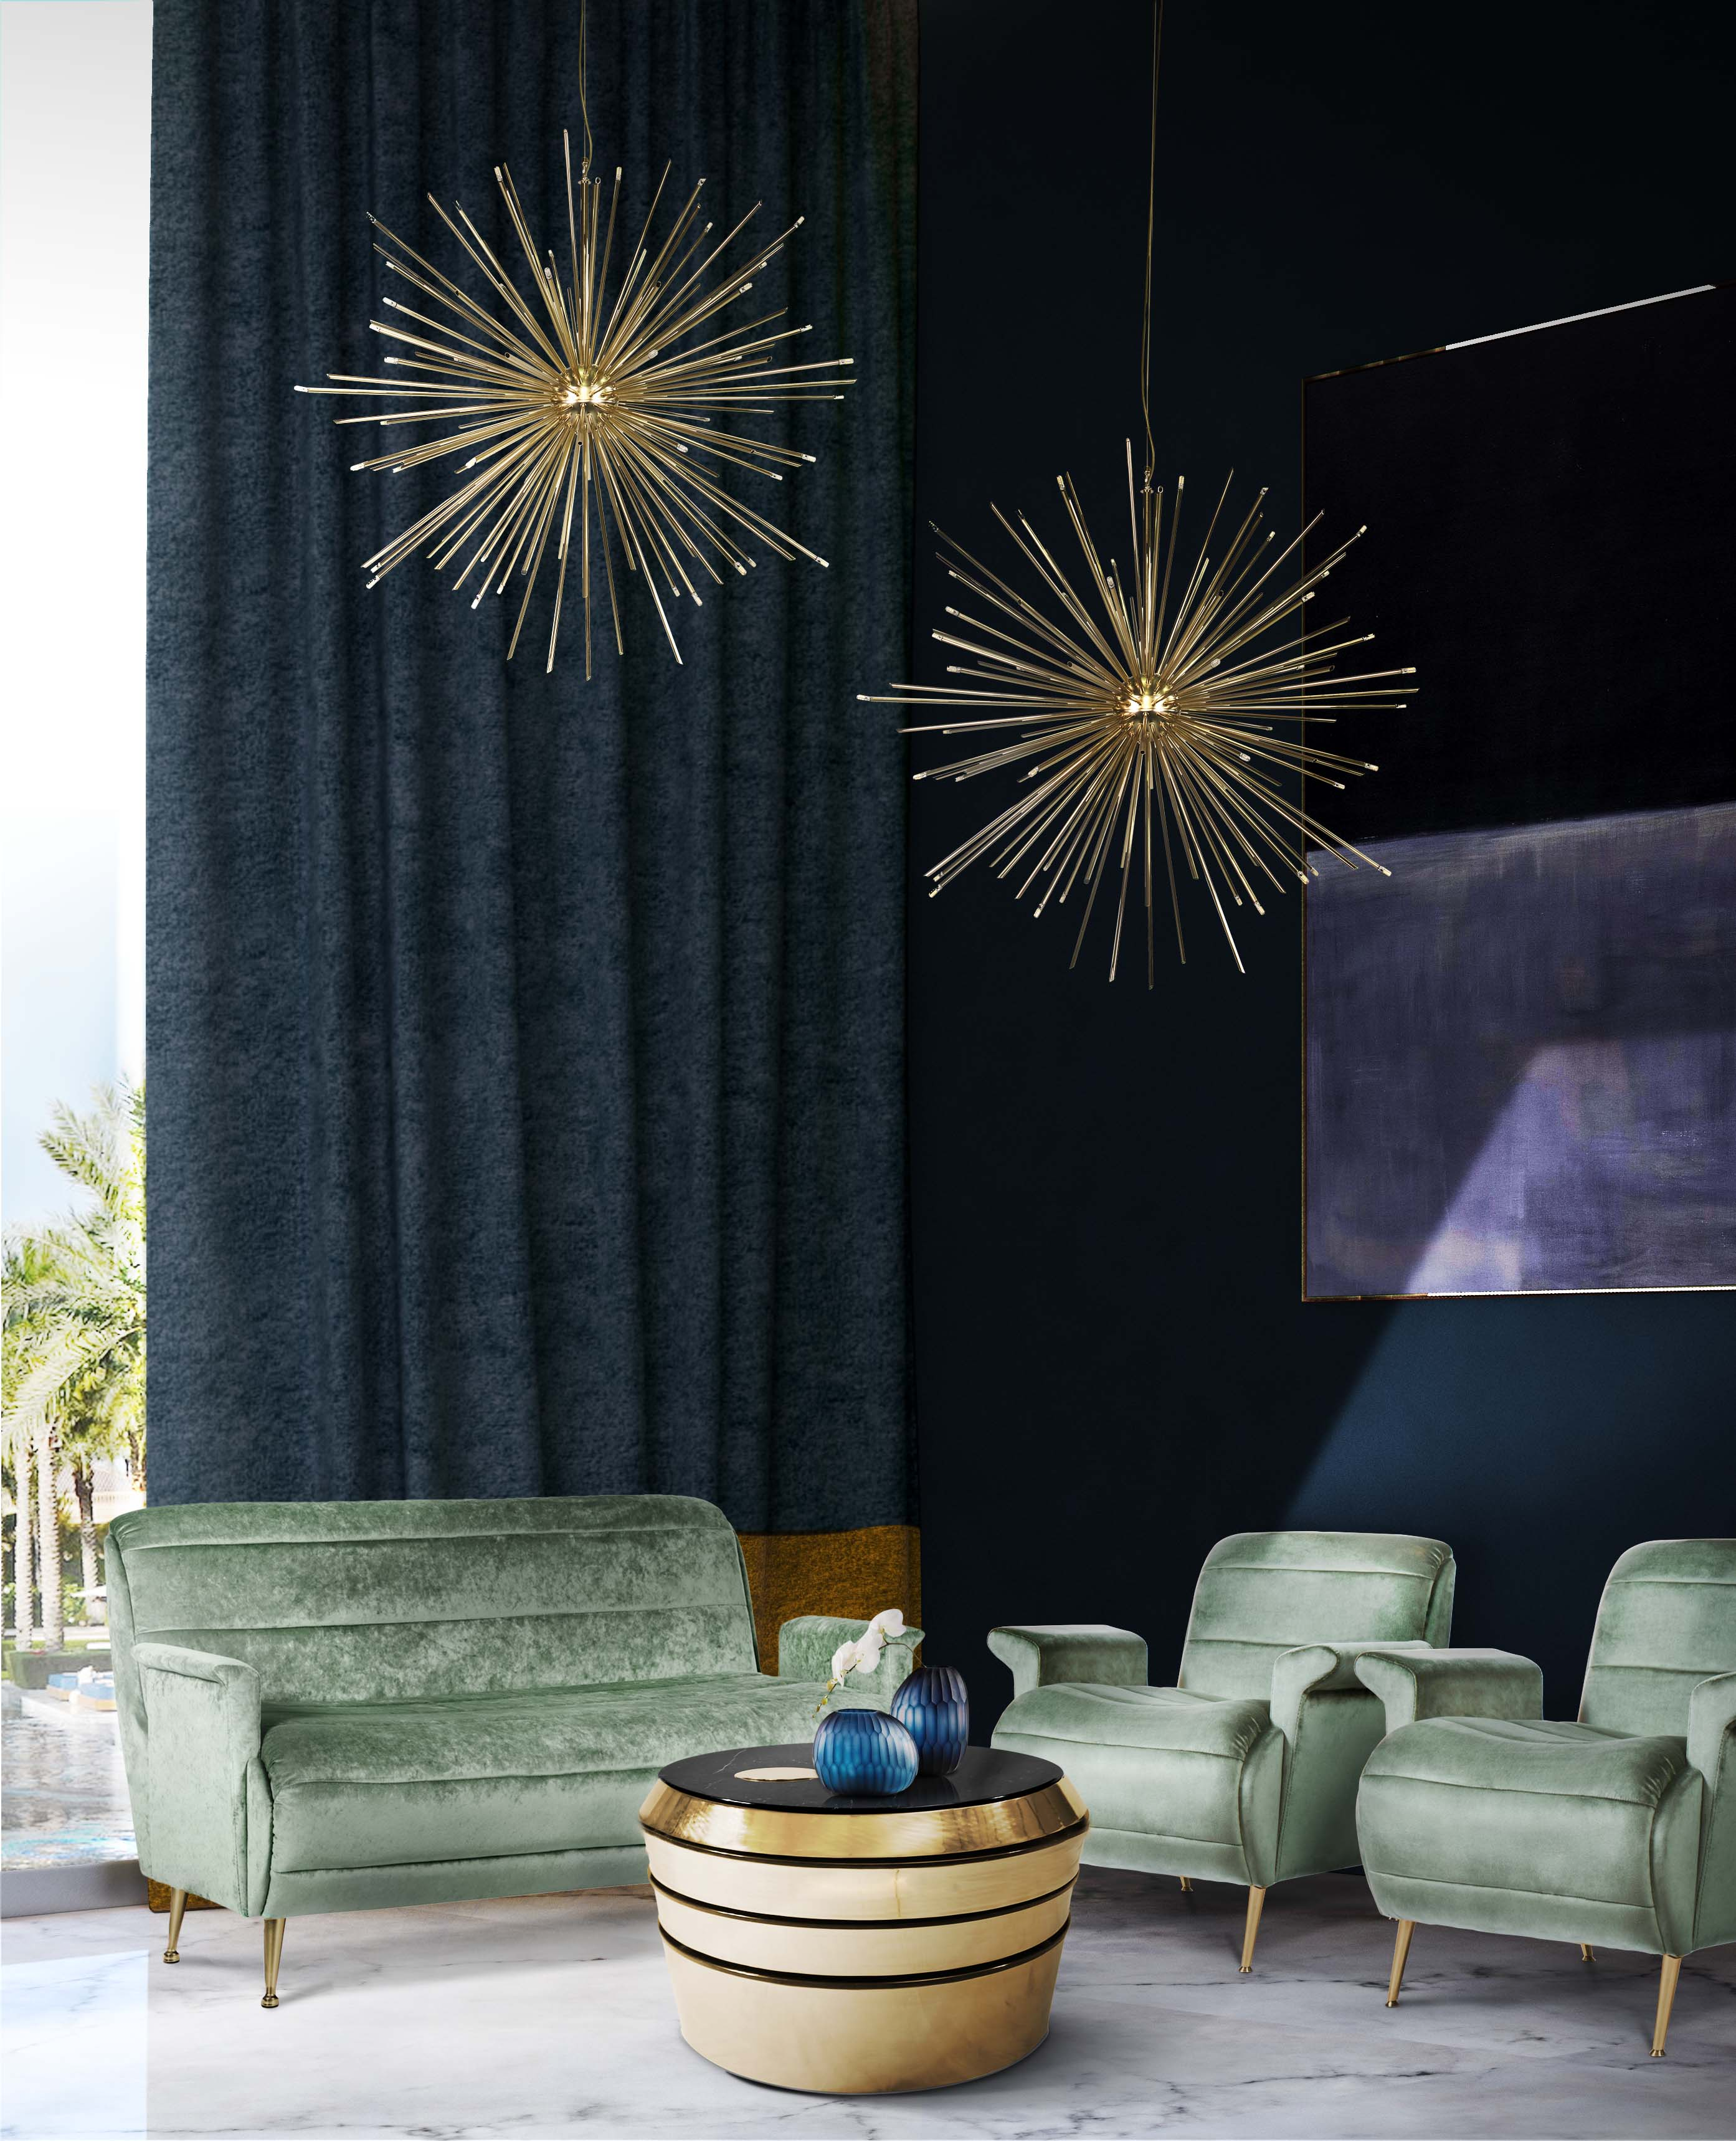 бренд Украсьте свой новогодний интерьер уникальными золотыми светильниками cannonball suspension ambience 01 HR 1